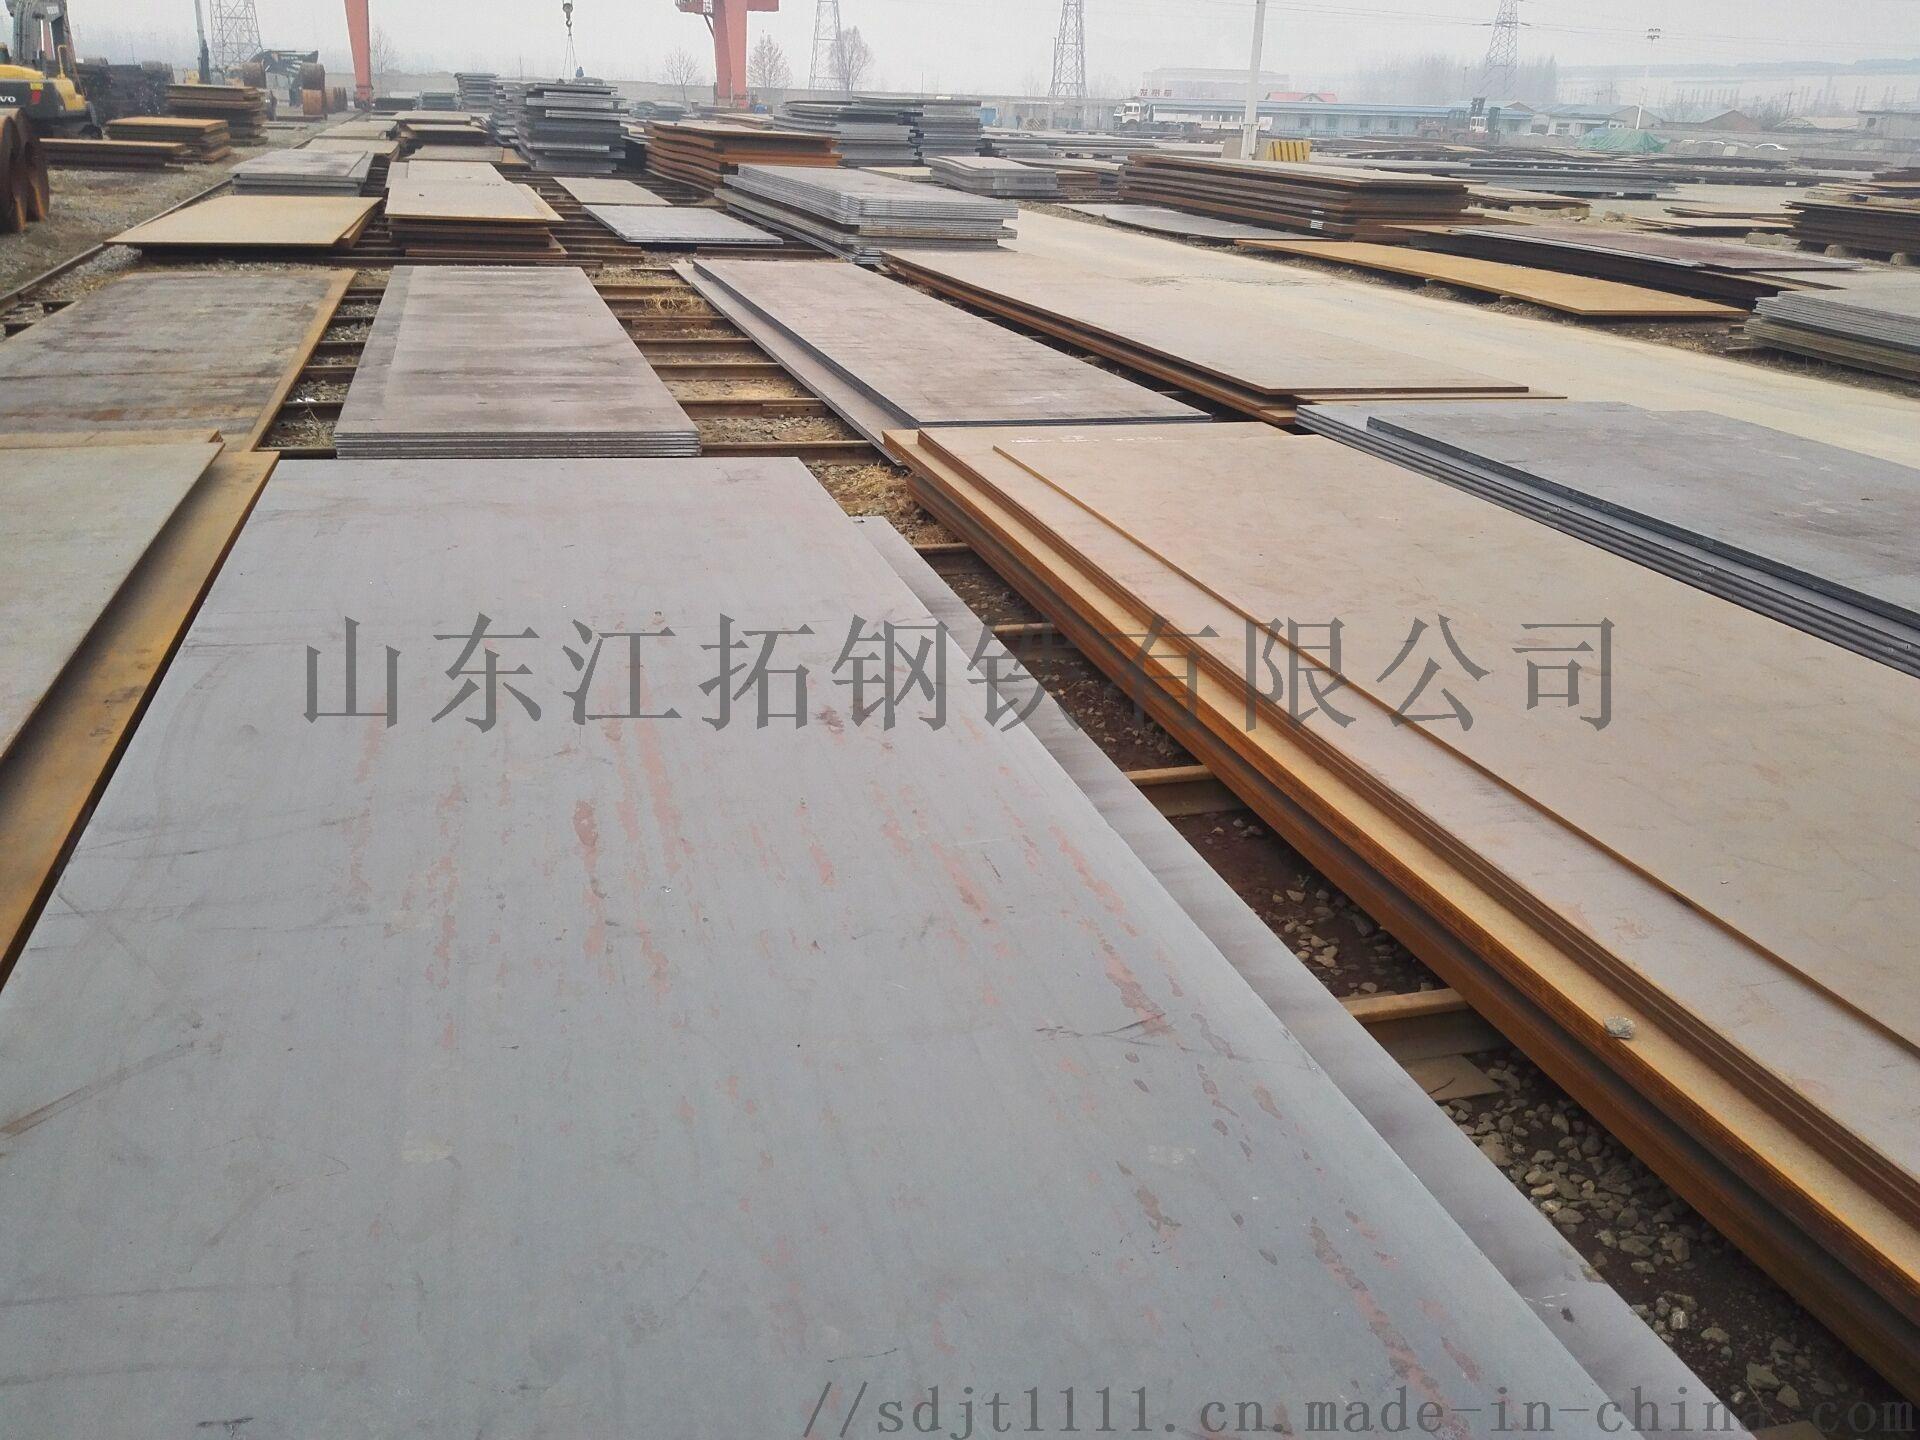 莱钢H型钢现货资源 日钢H型钢厂家直发规格齐全 发货快904302635